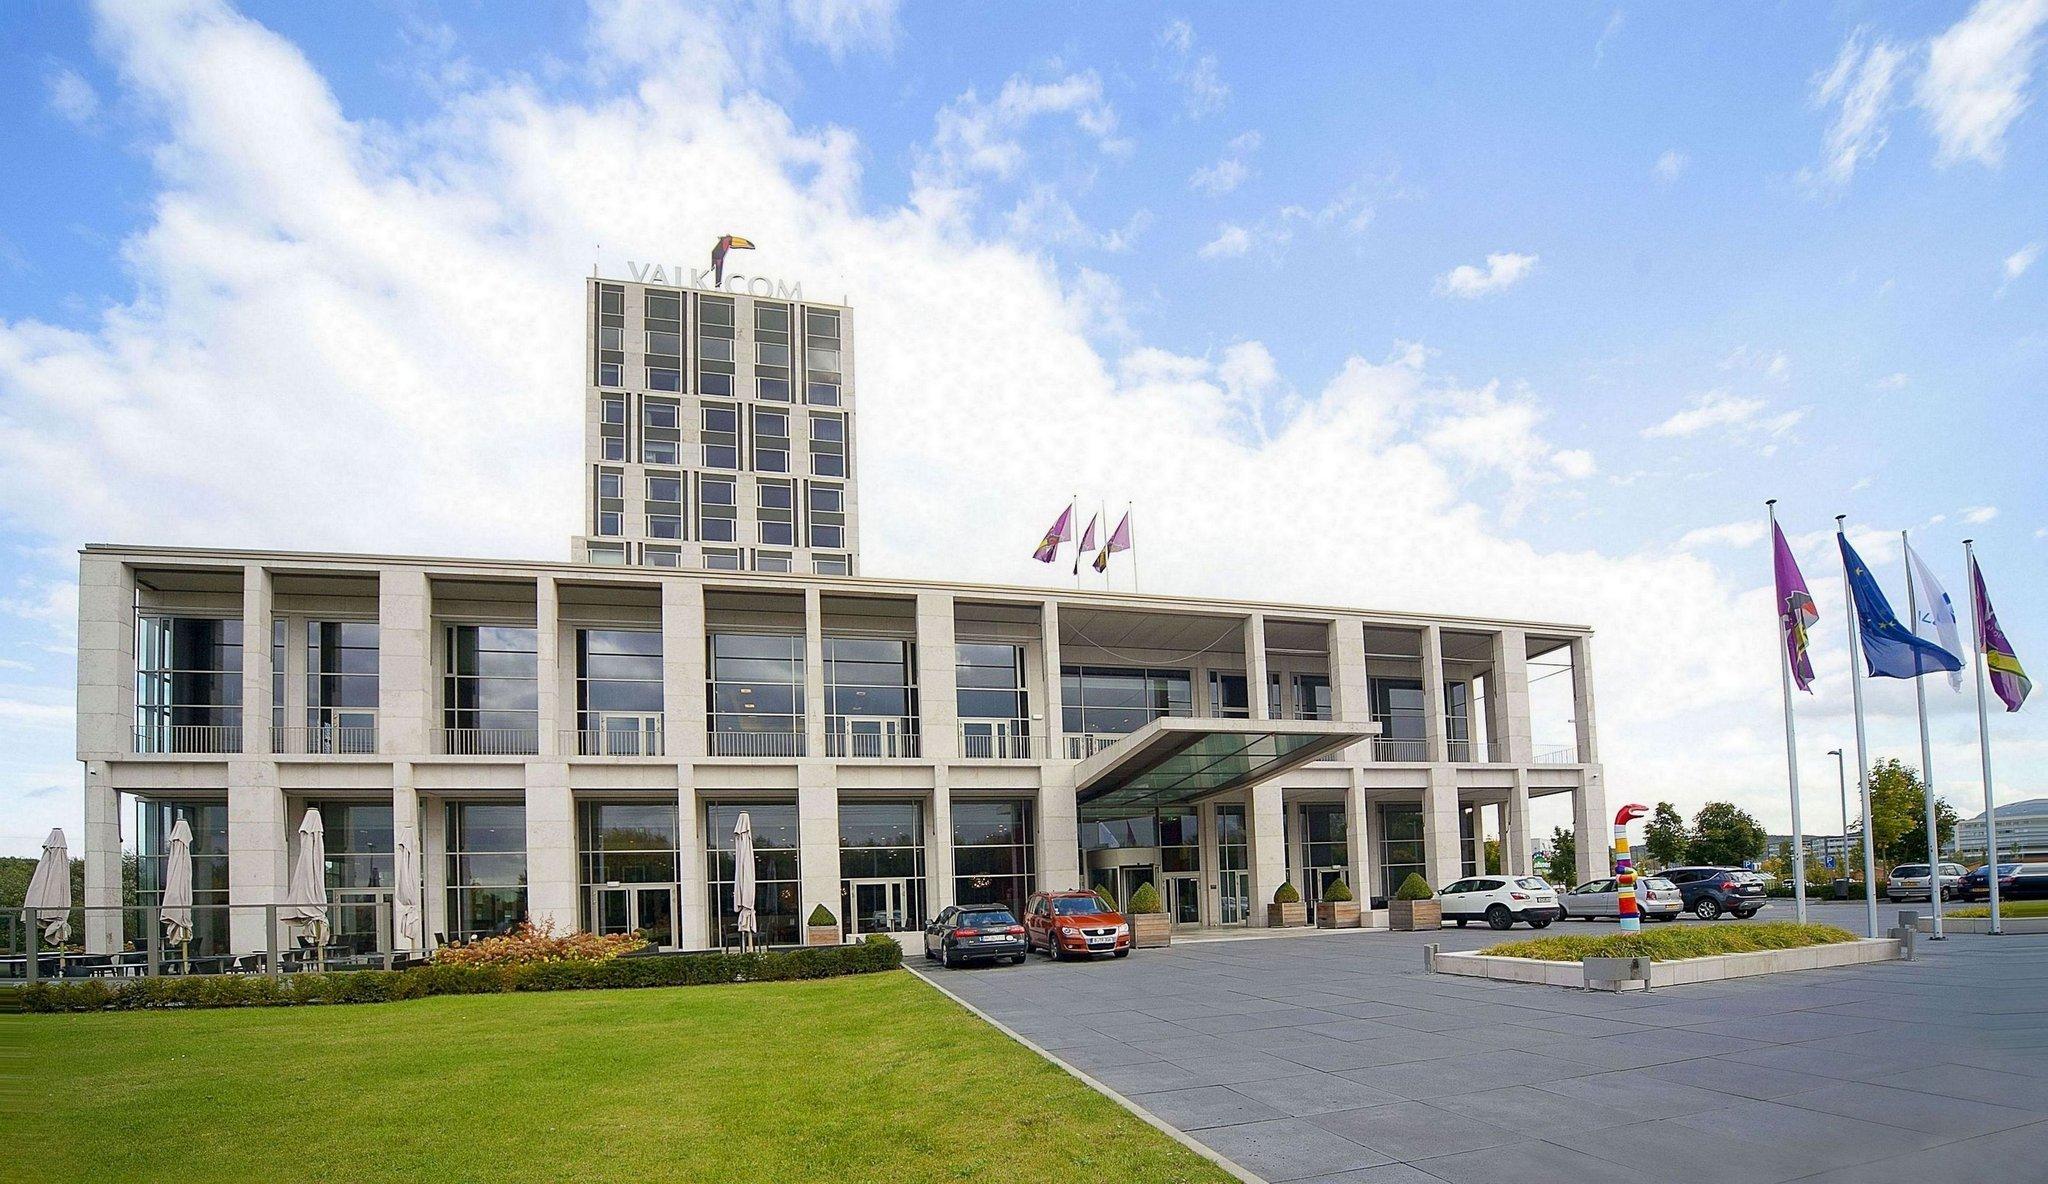 Van der Valk Airporthotel Duesseldorf